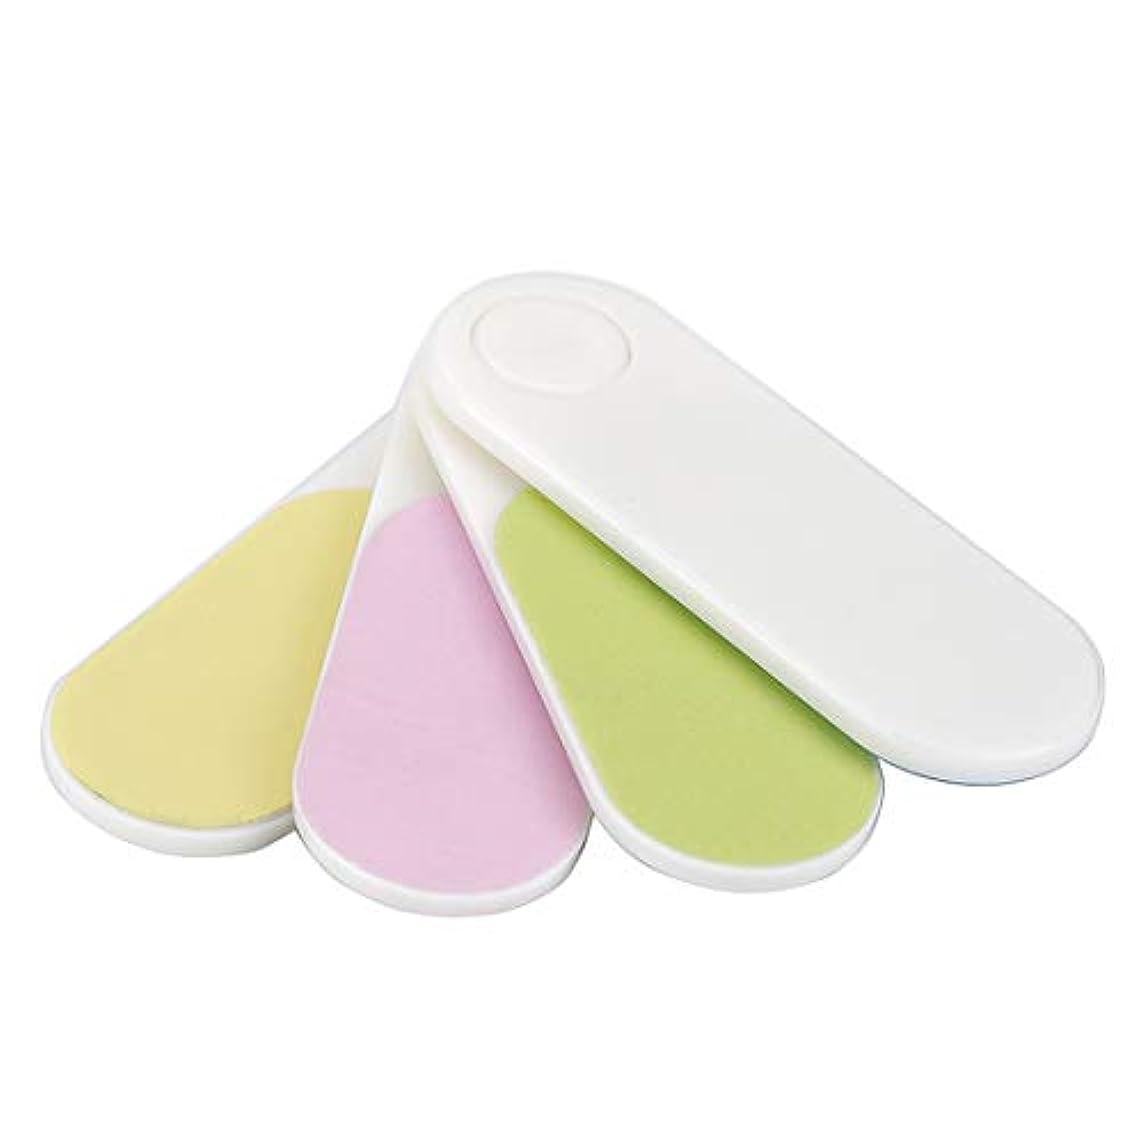 不確実体細胞看板OU-Kunmlef 便利な携帯用のミニ扇形の爪バッファスムーズな旅行(None Color random)